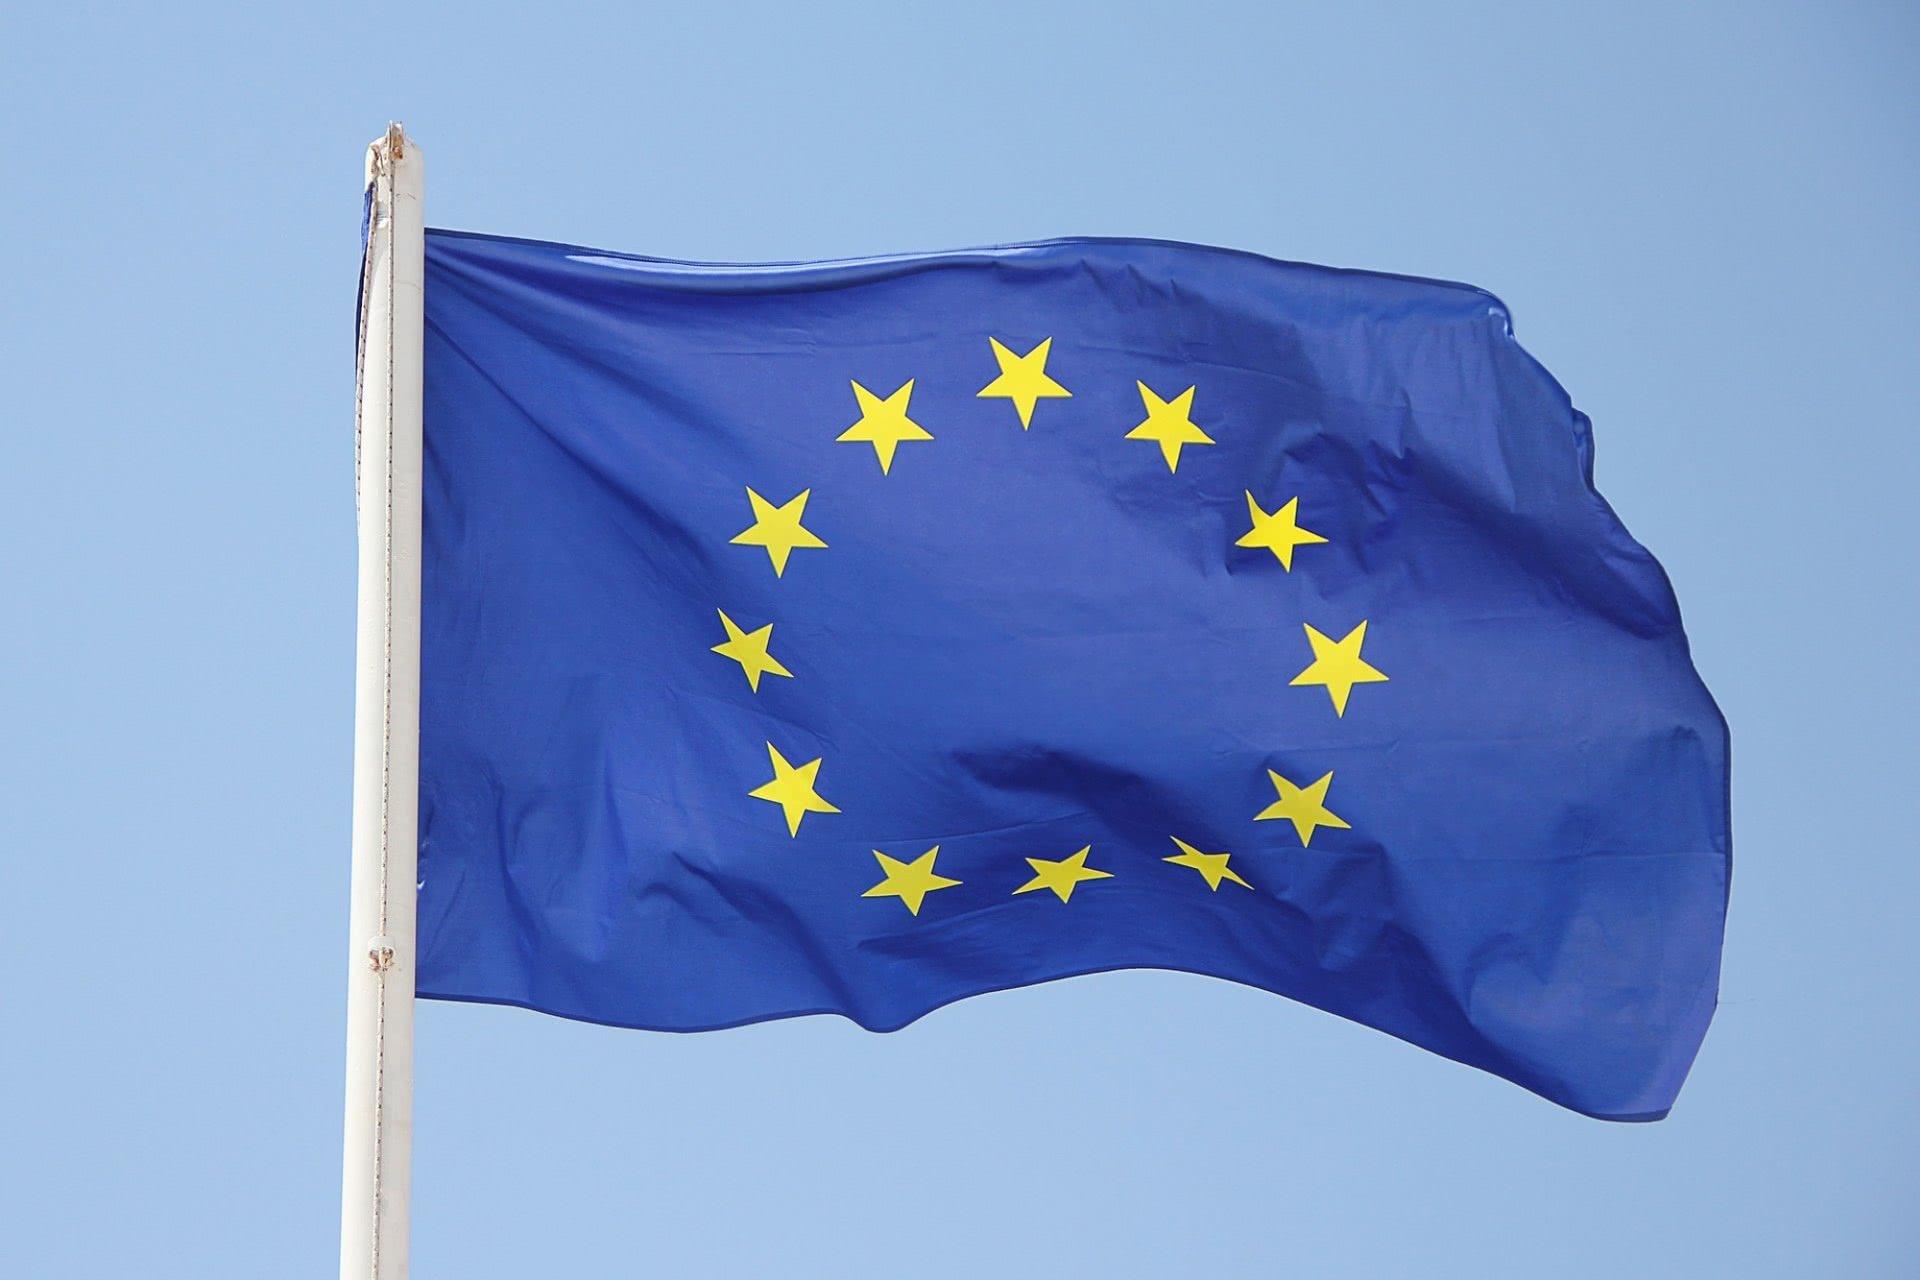 Foto: Flagge der Europäischen Union